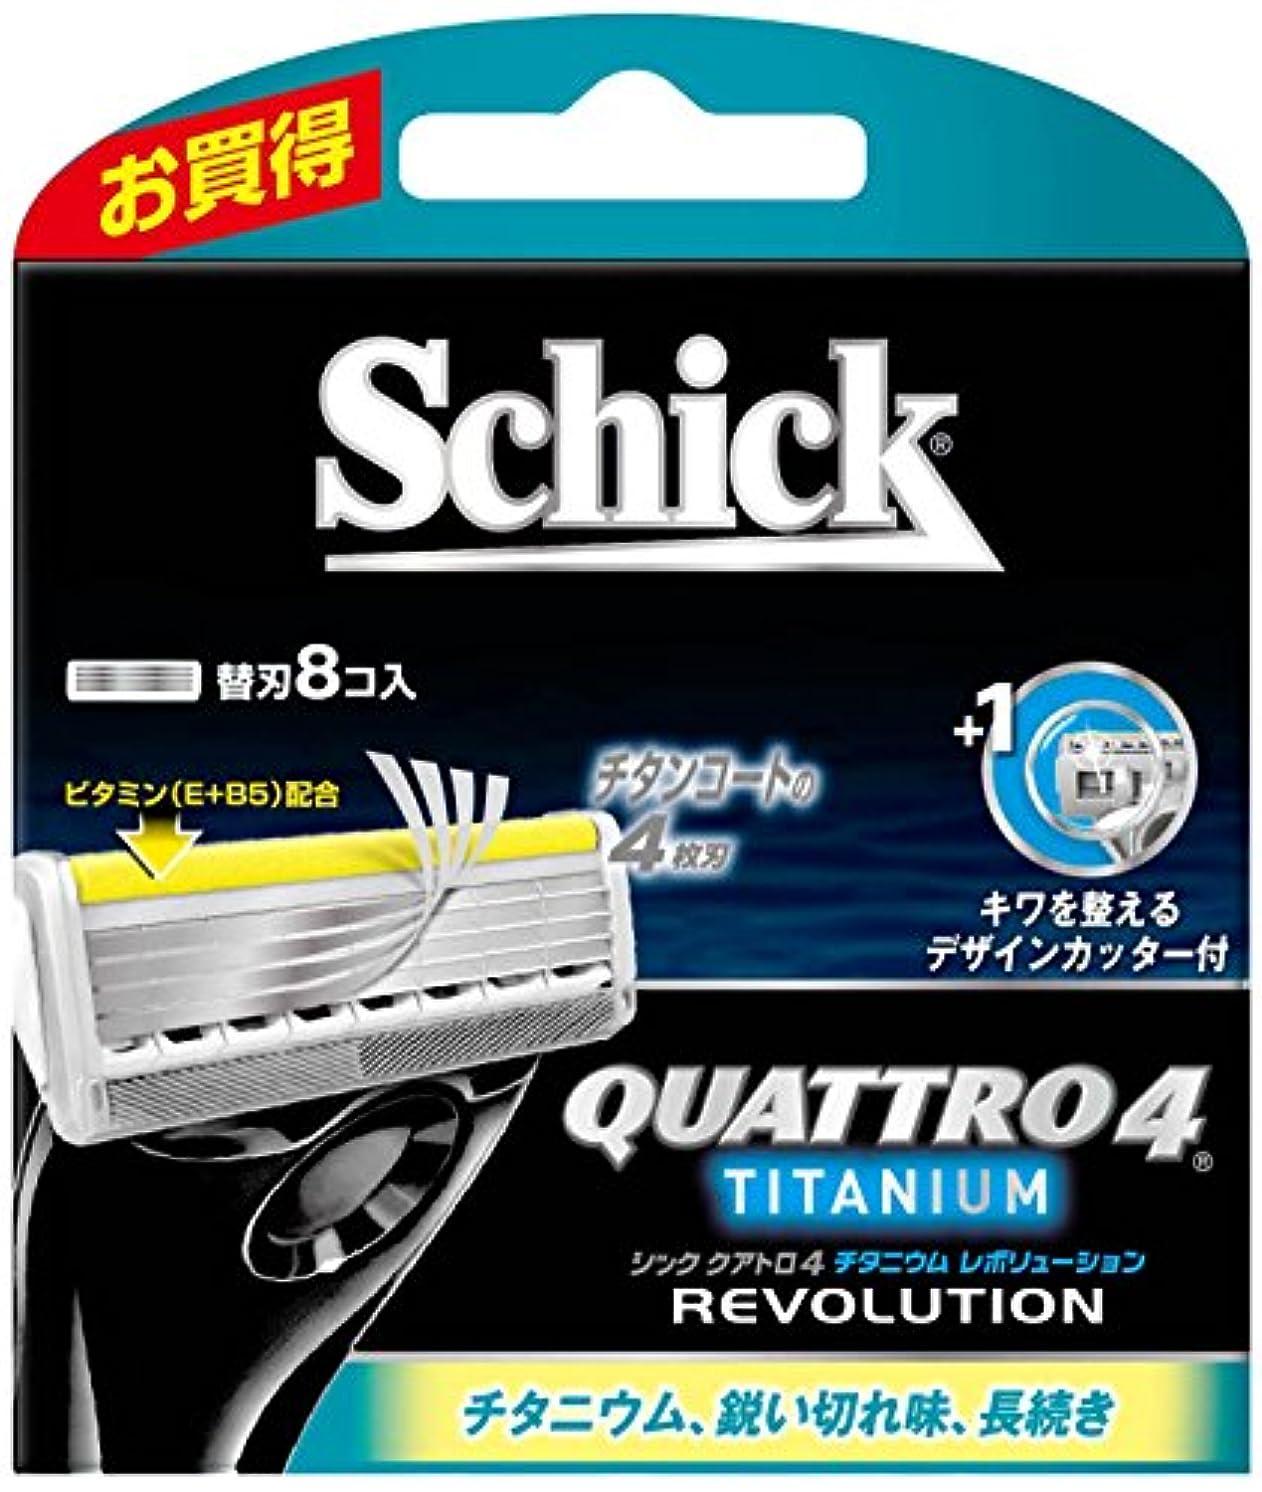 ボード許容できる称賛シック Schick クアトロ4 4枚刃 チタニウムレボリューション 替刃 (8コ入)